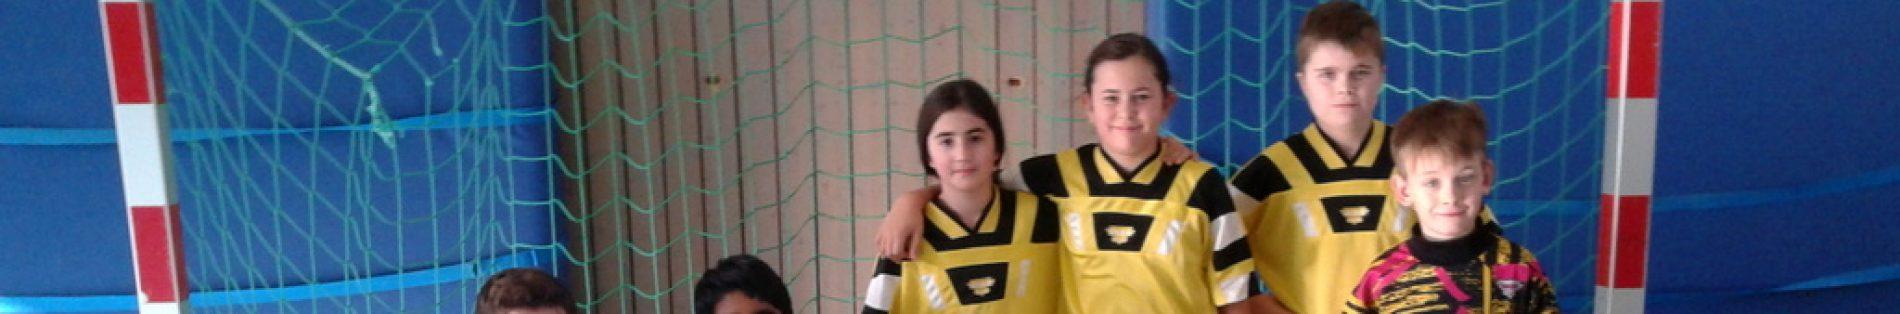 Die Siegermannschaft der Johannes-Vatter-Schule beim Fußballturnier